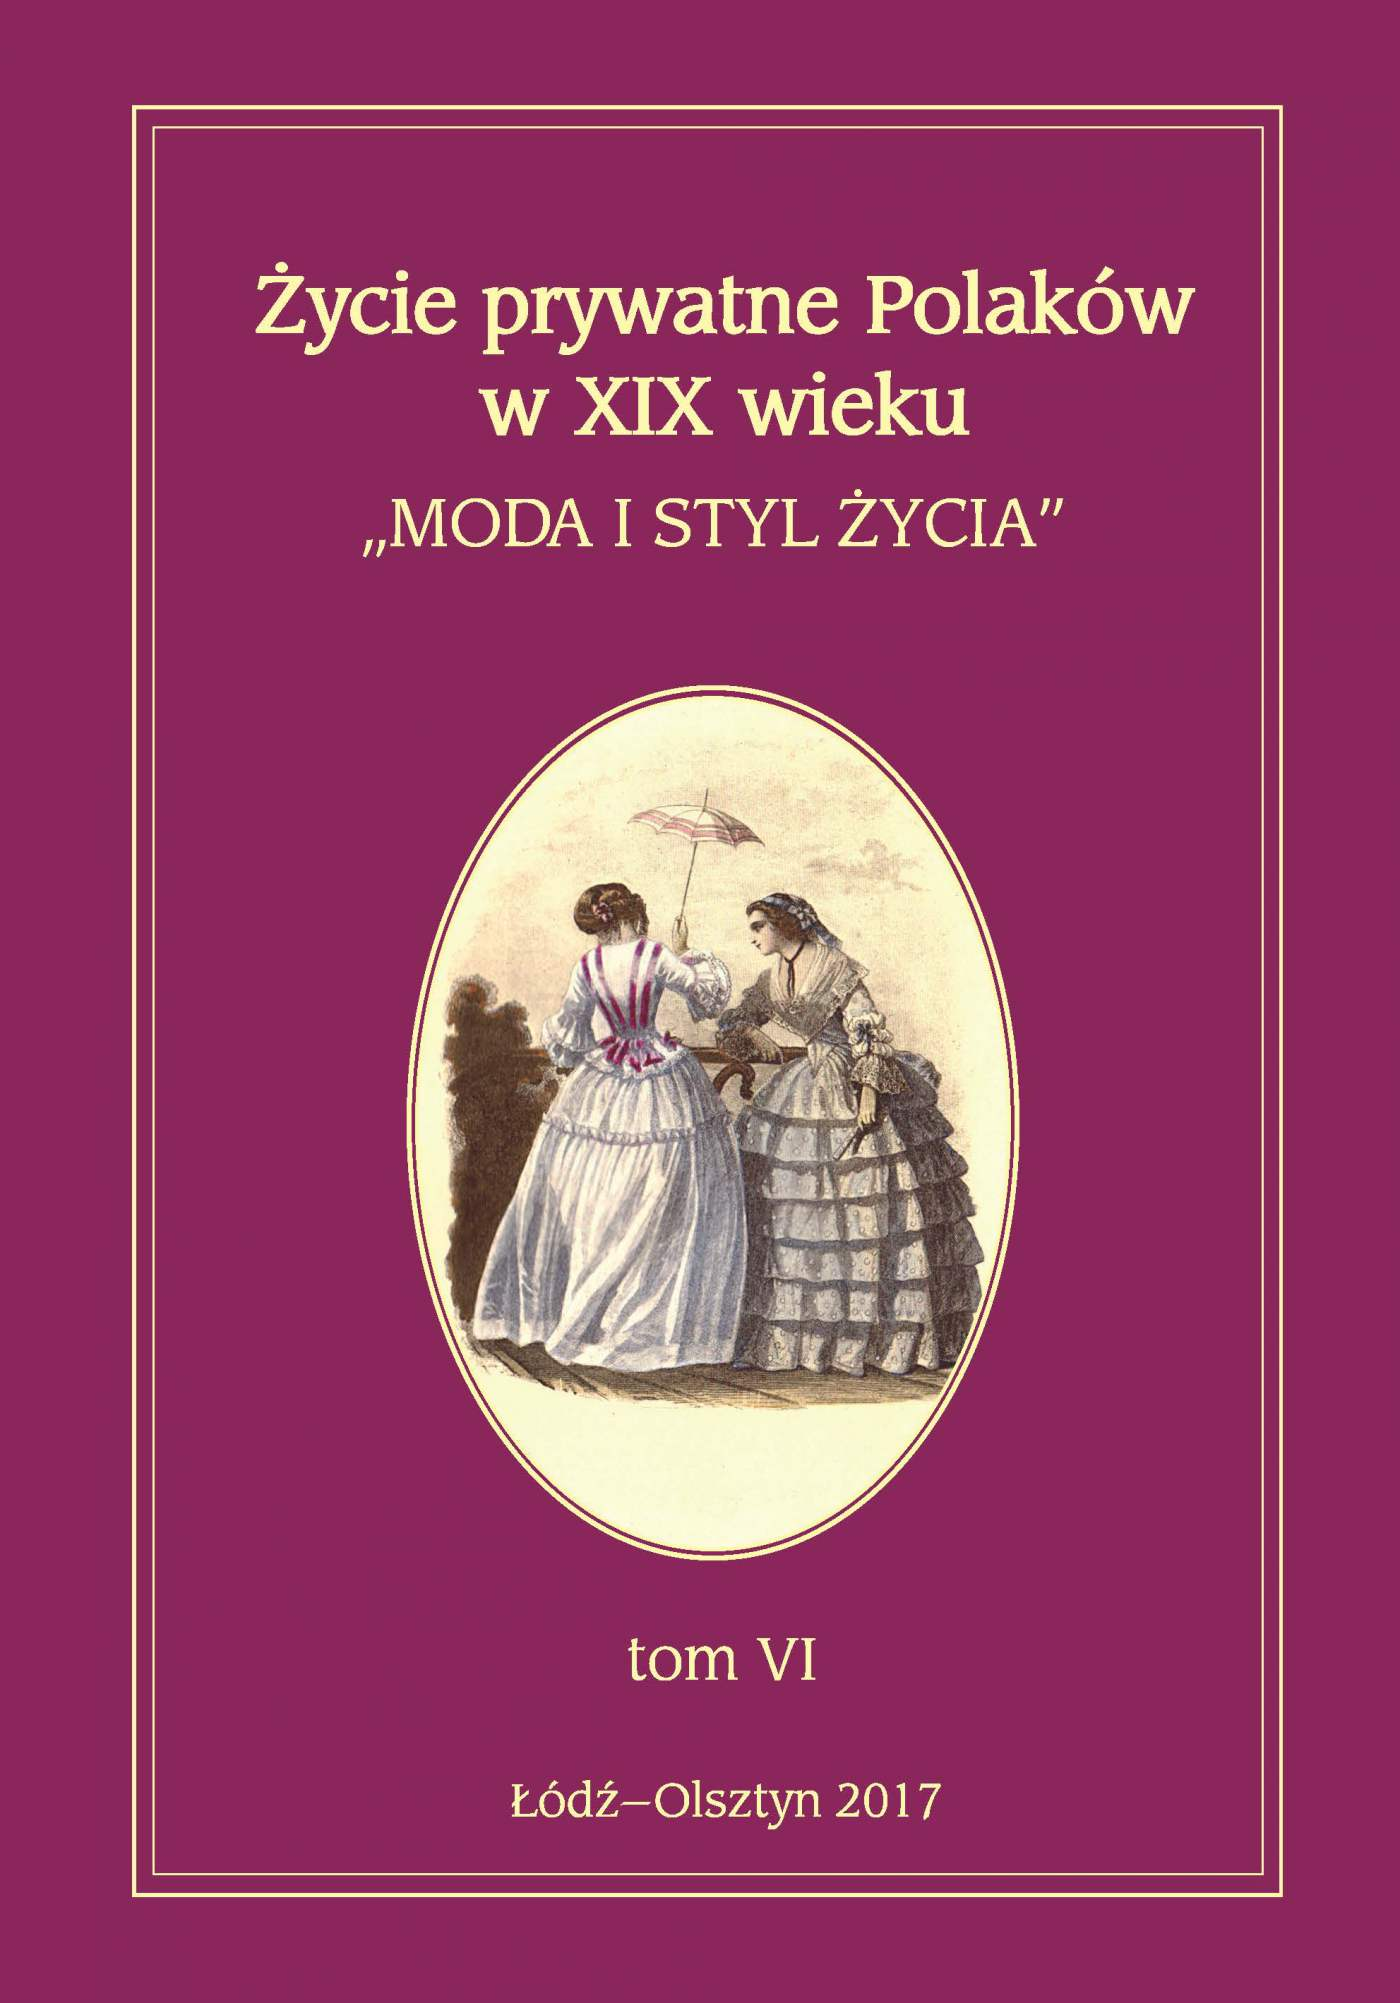 Życie prywatne Polaków w XIX wieku. Moda i styl życia. Tom 6 - Ebook (Książka PDF) do pobrania w formacie PDF